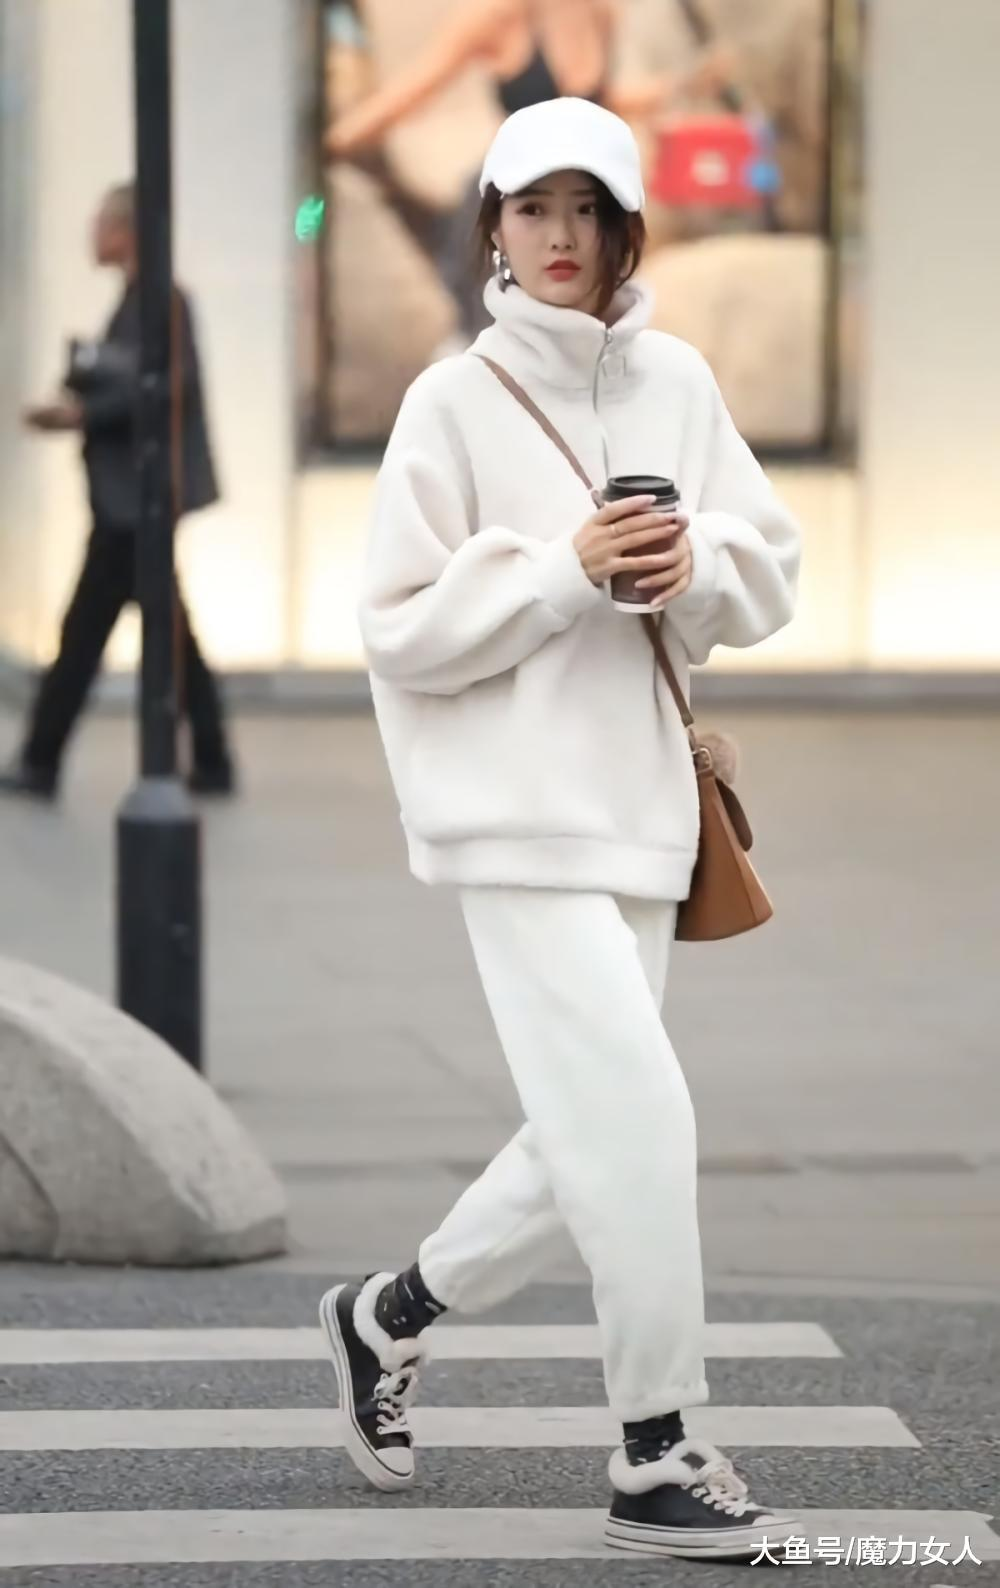 """牛仔裤早落伍了, 这款""""布丁裤""""简直是微胖界的福利, 显瘦还暖和"""